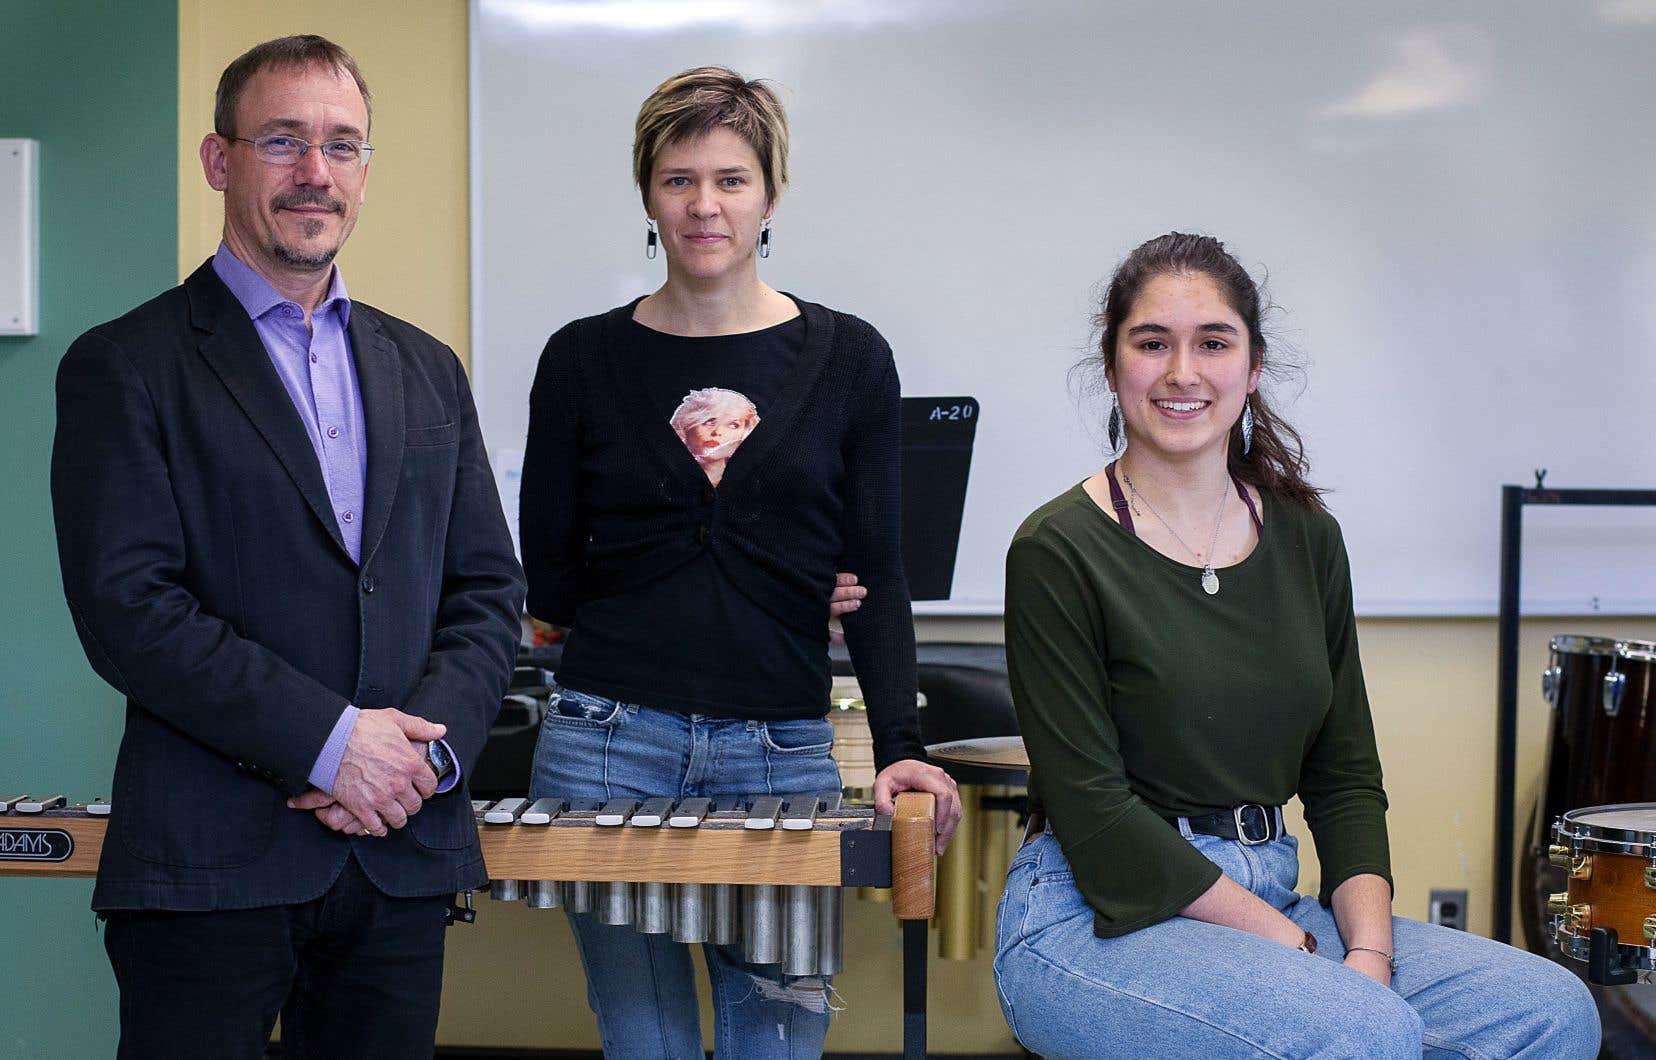 Éric Levasseur,Émilie Laforest et Kaïla Stephanos partagent un même rêve: que les élèves en musique disposent d'installations adéquates pour pratiquer leur art.